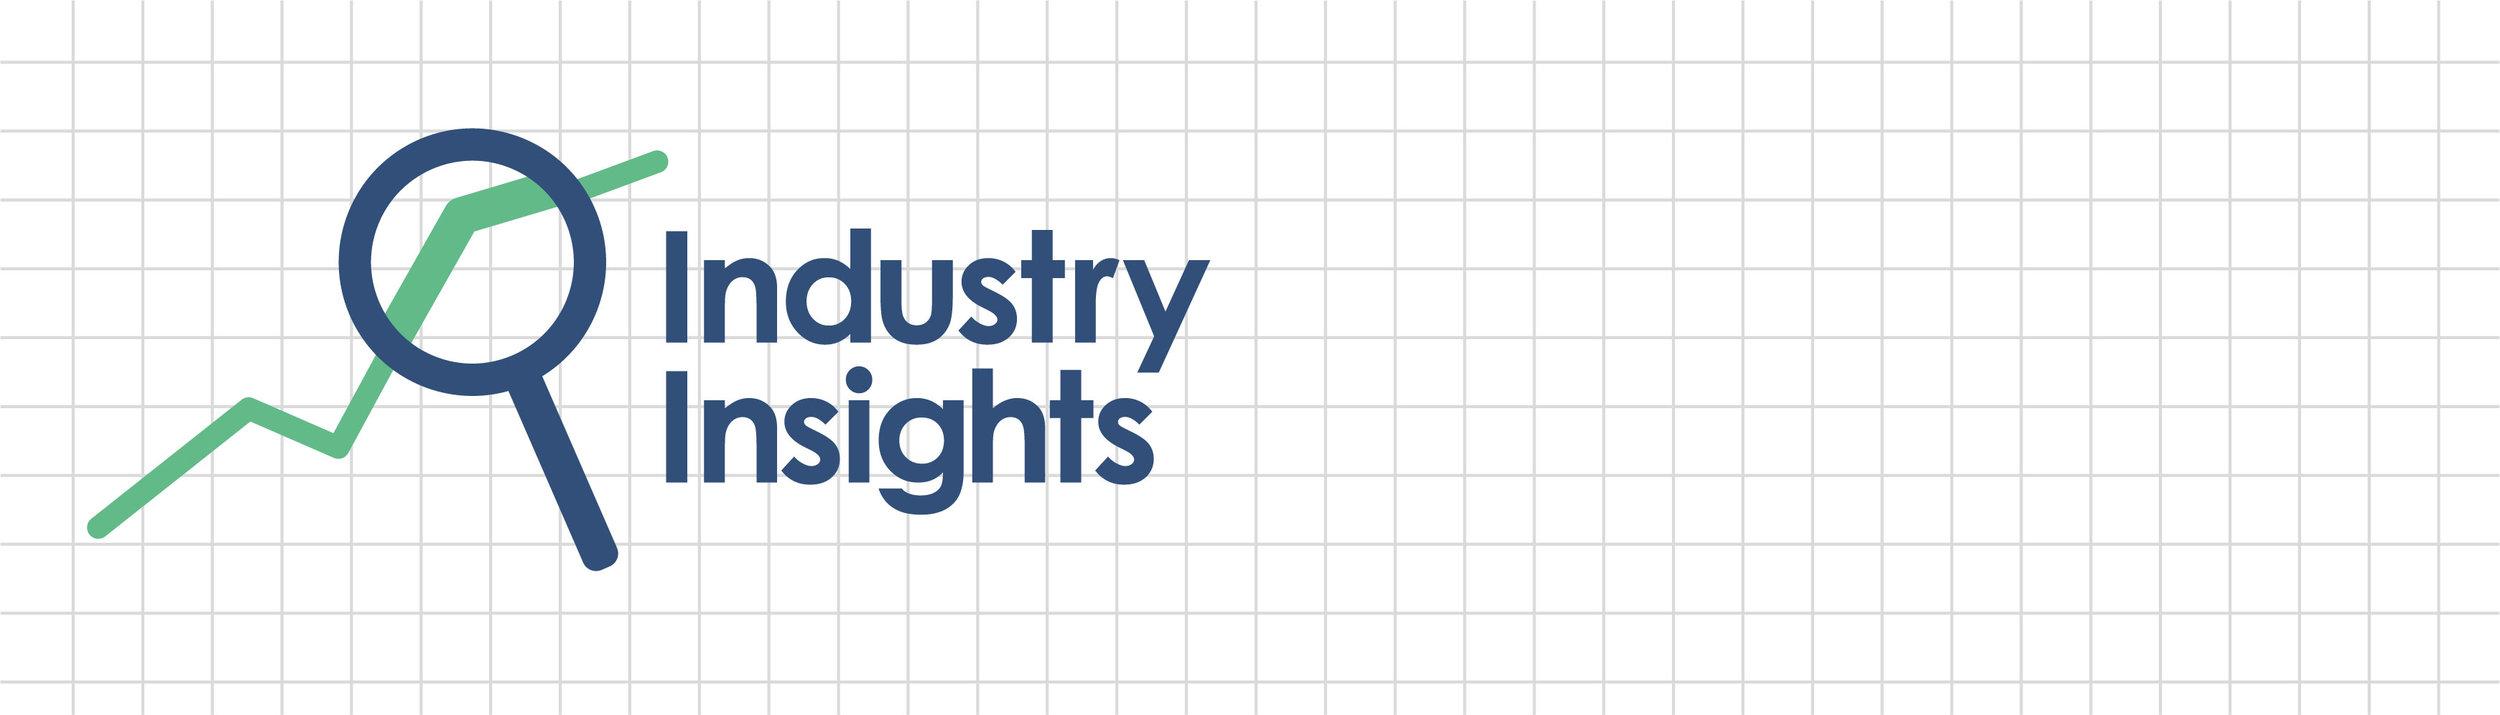 industry insights logo 4 (1).jpg